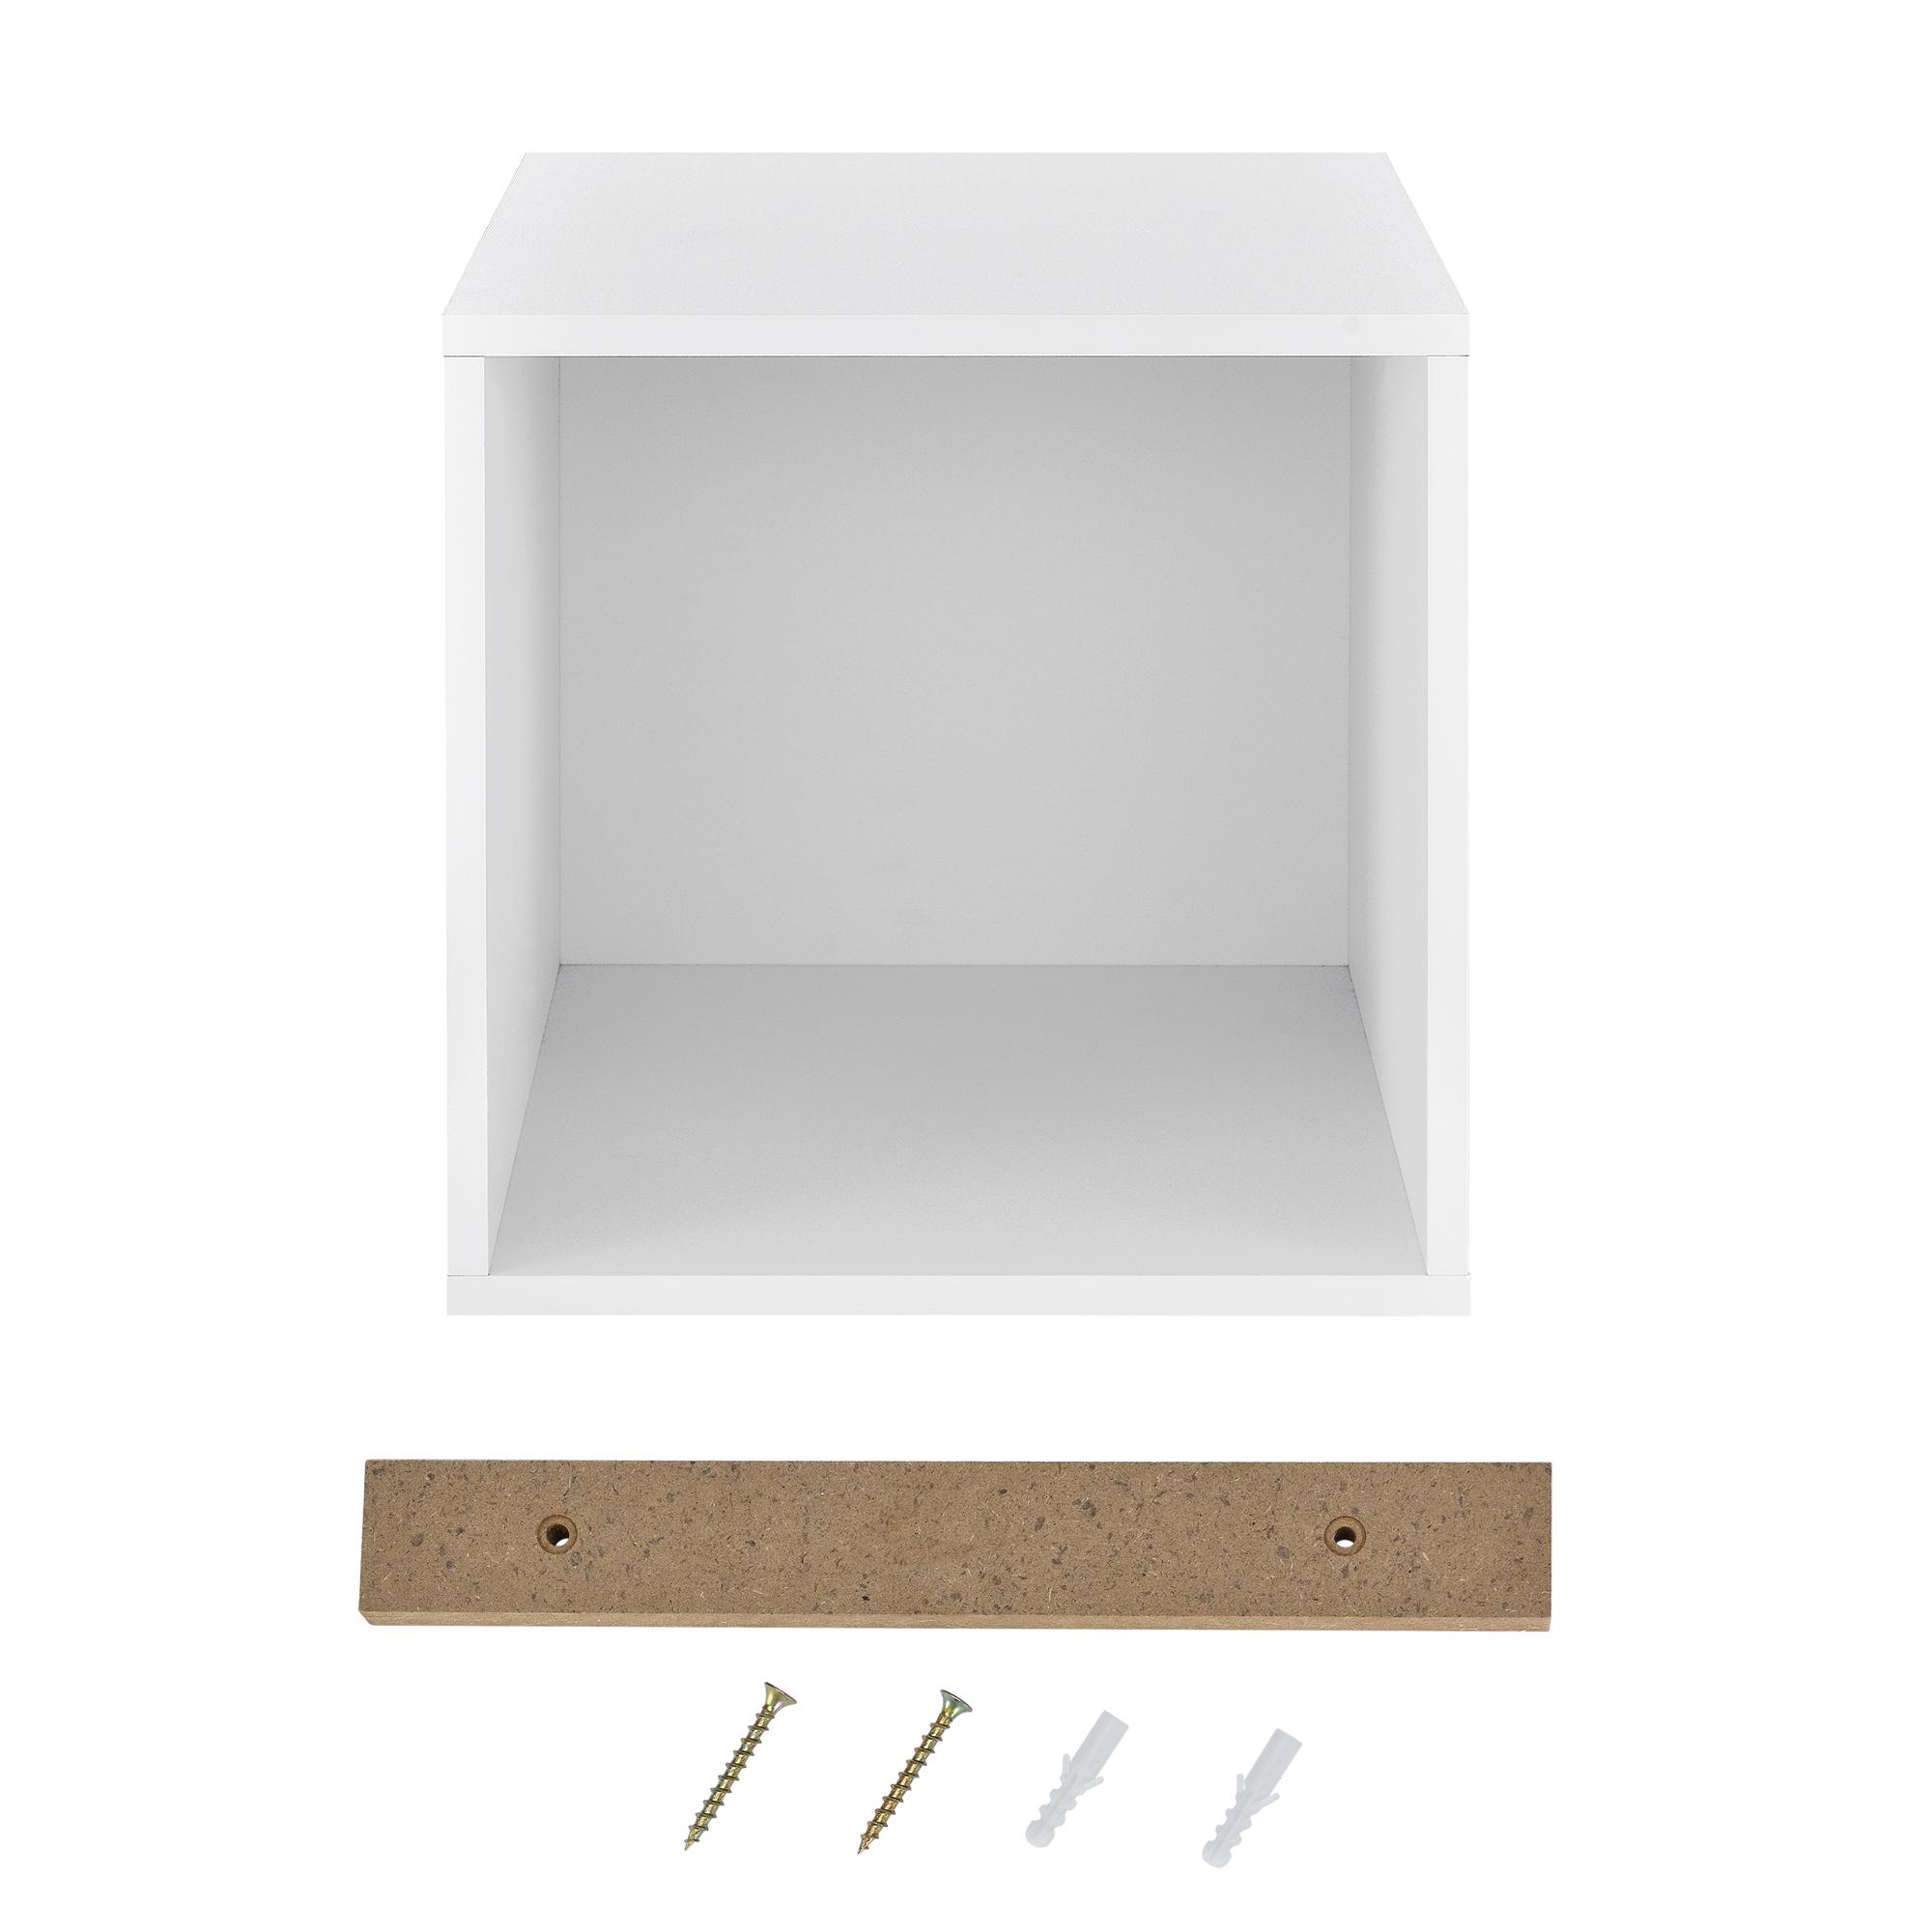 ® Étagère 30x30x40cm bois murale suspendu étagère de bibliothèque étagère à combiner en. casa